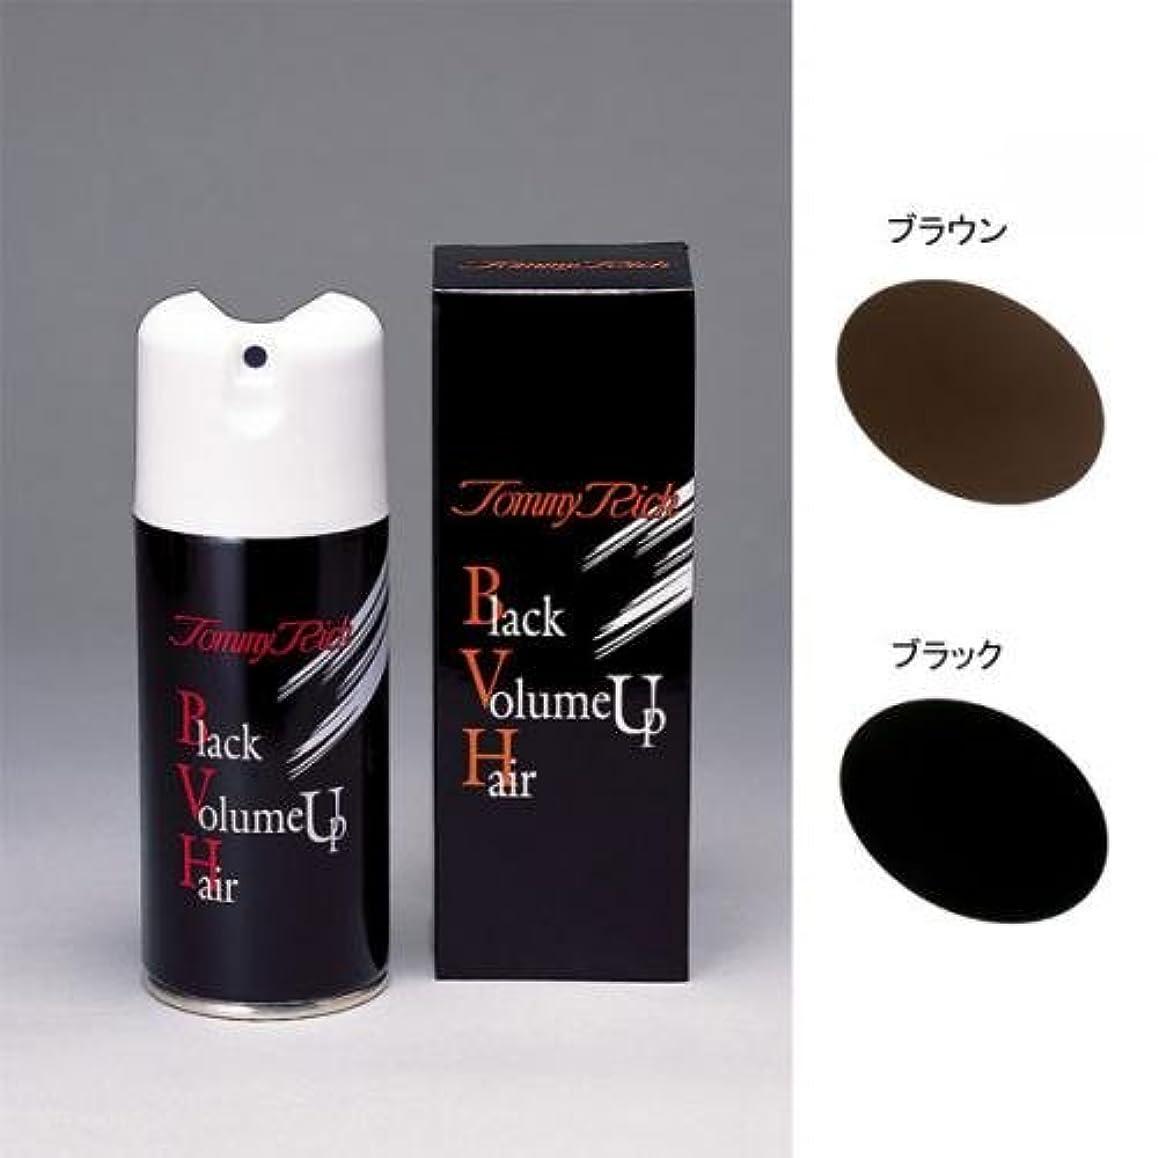 トークン時ベッドトミーリッチ ブラックヘアー ブラック ロット6 【6点】